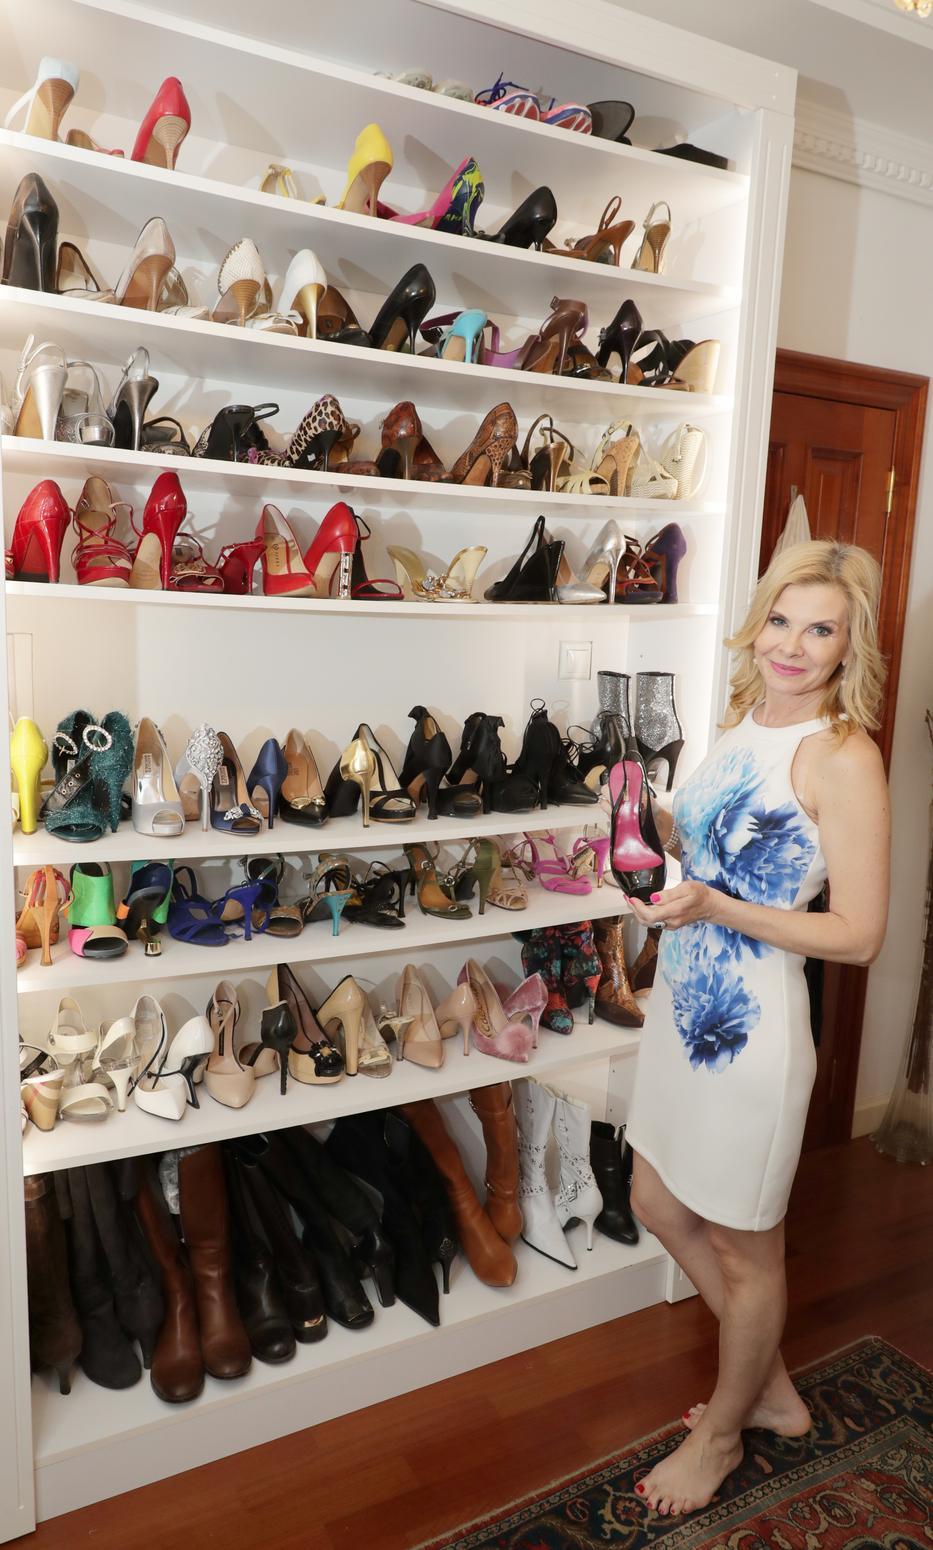 Az üzletasszony korábban megmutatta lapunknak óriási cipőgyűjteményét, ezeket most félrerakta /Fotó: Grnák László